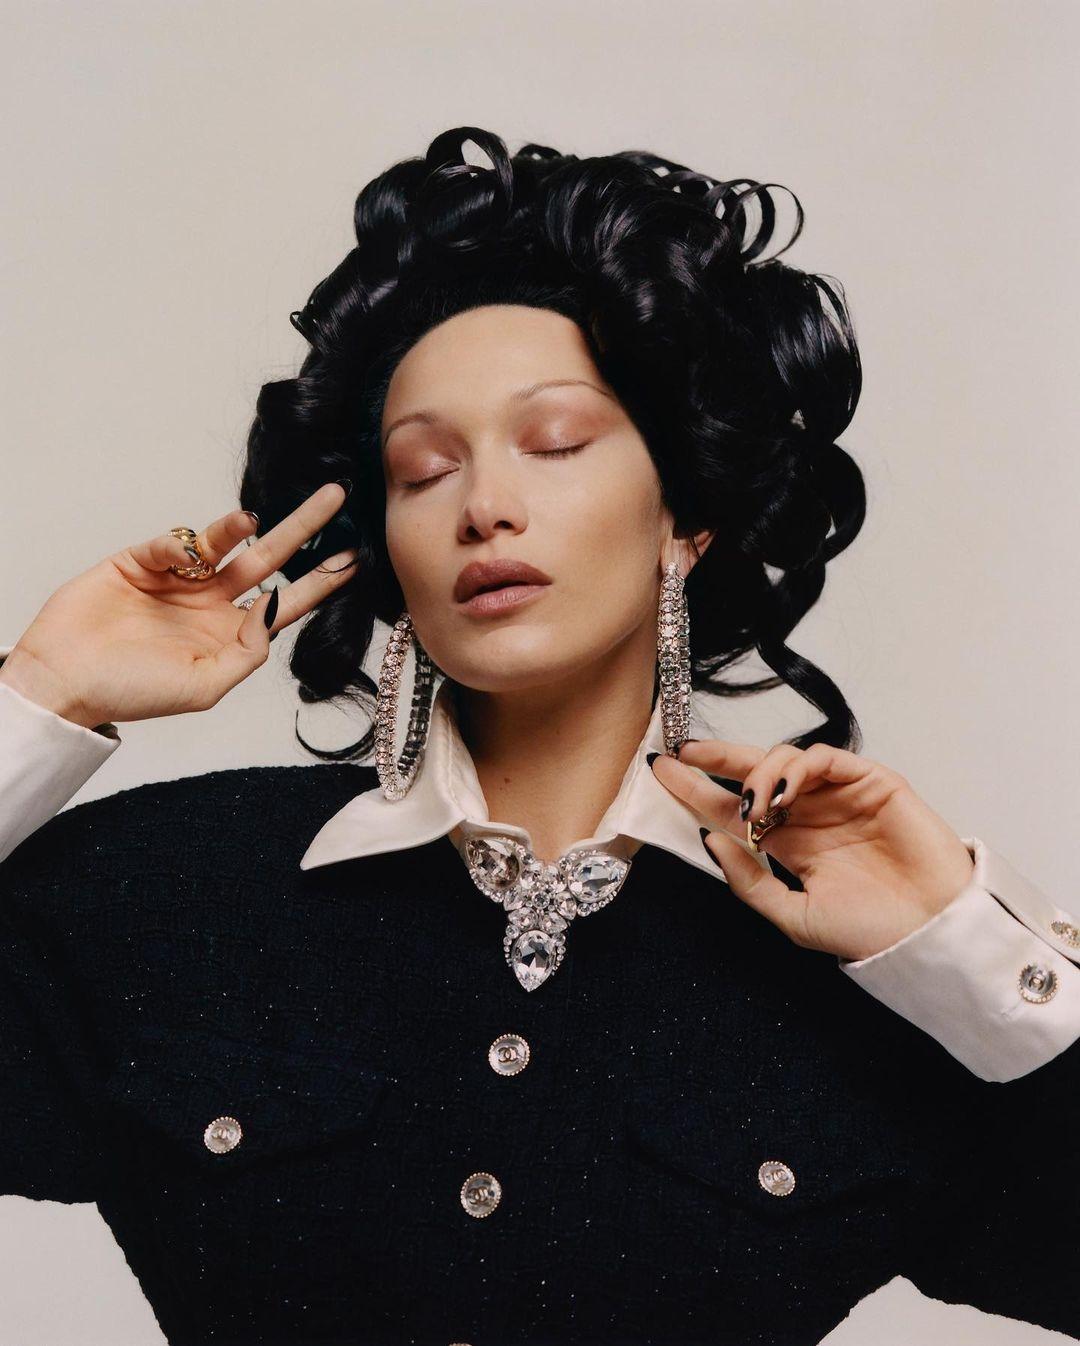 Белла Хадид снялась для испанского Vogue в образе Марии Антуанетты (ФОТО) - фото №1